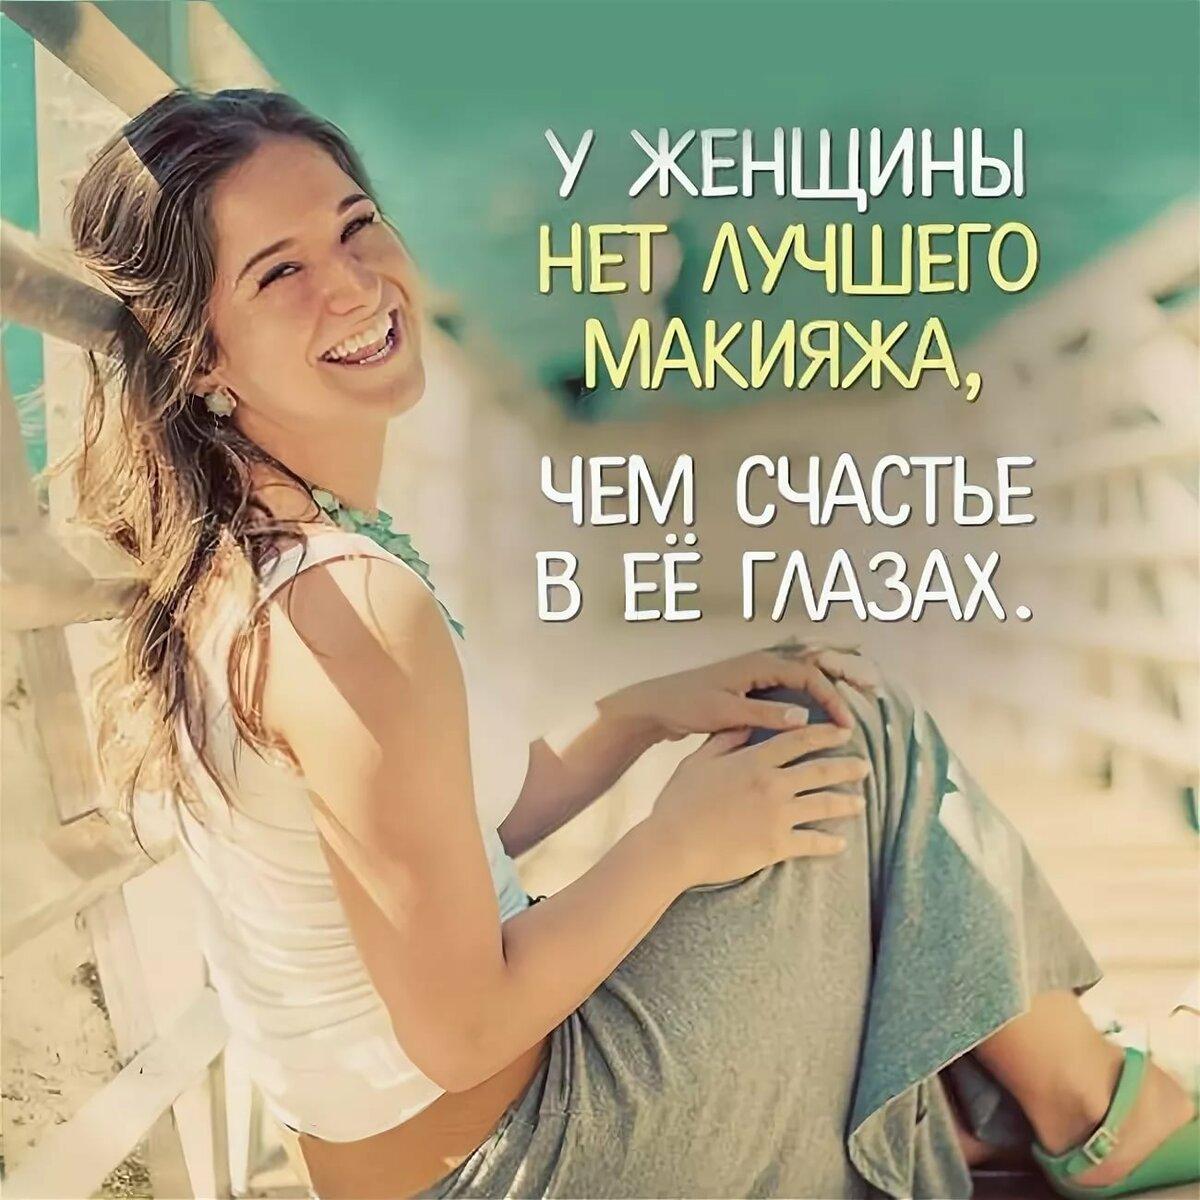 этих женское счастье цитаты в картинках идем вместе